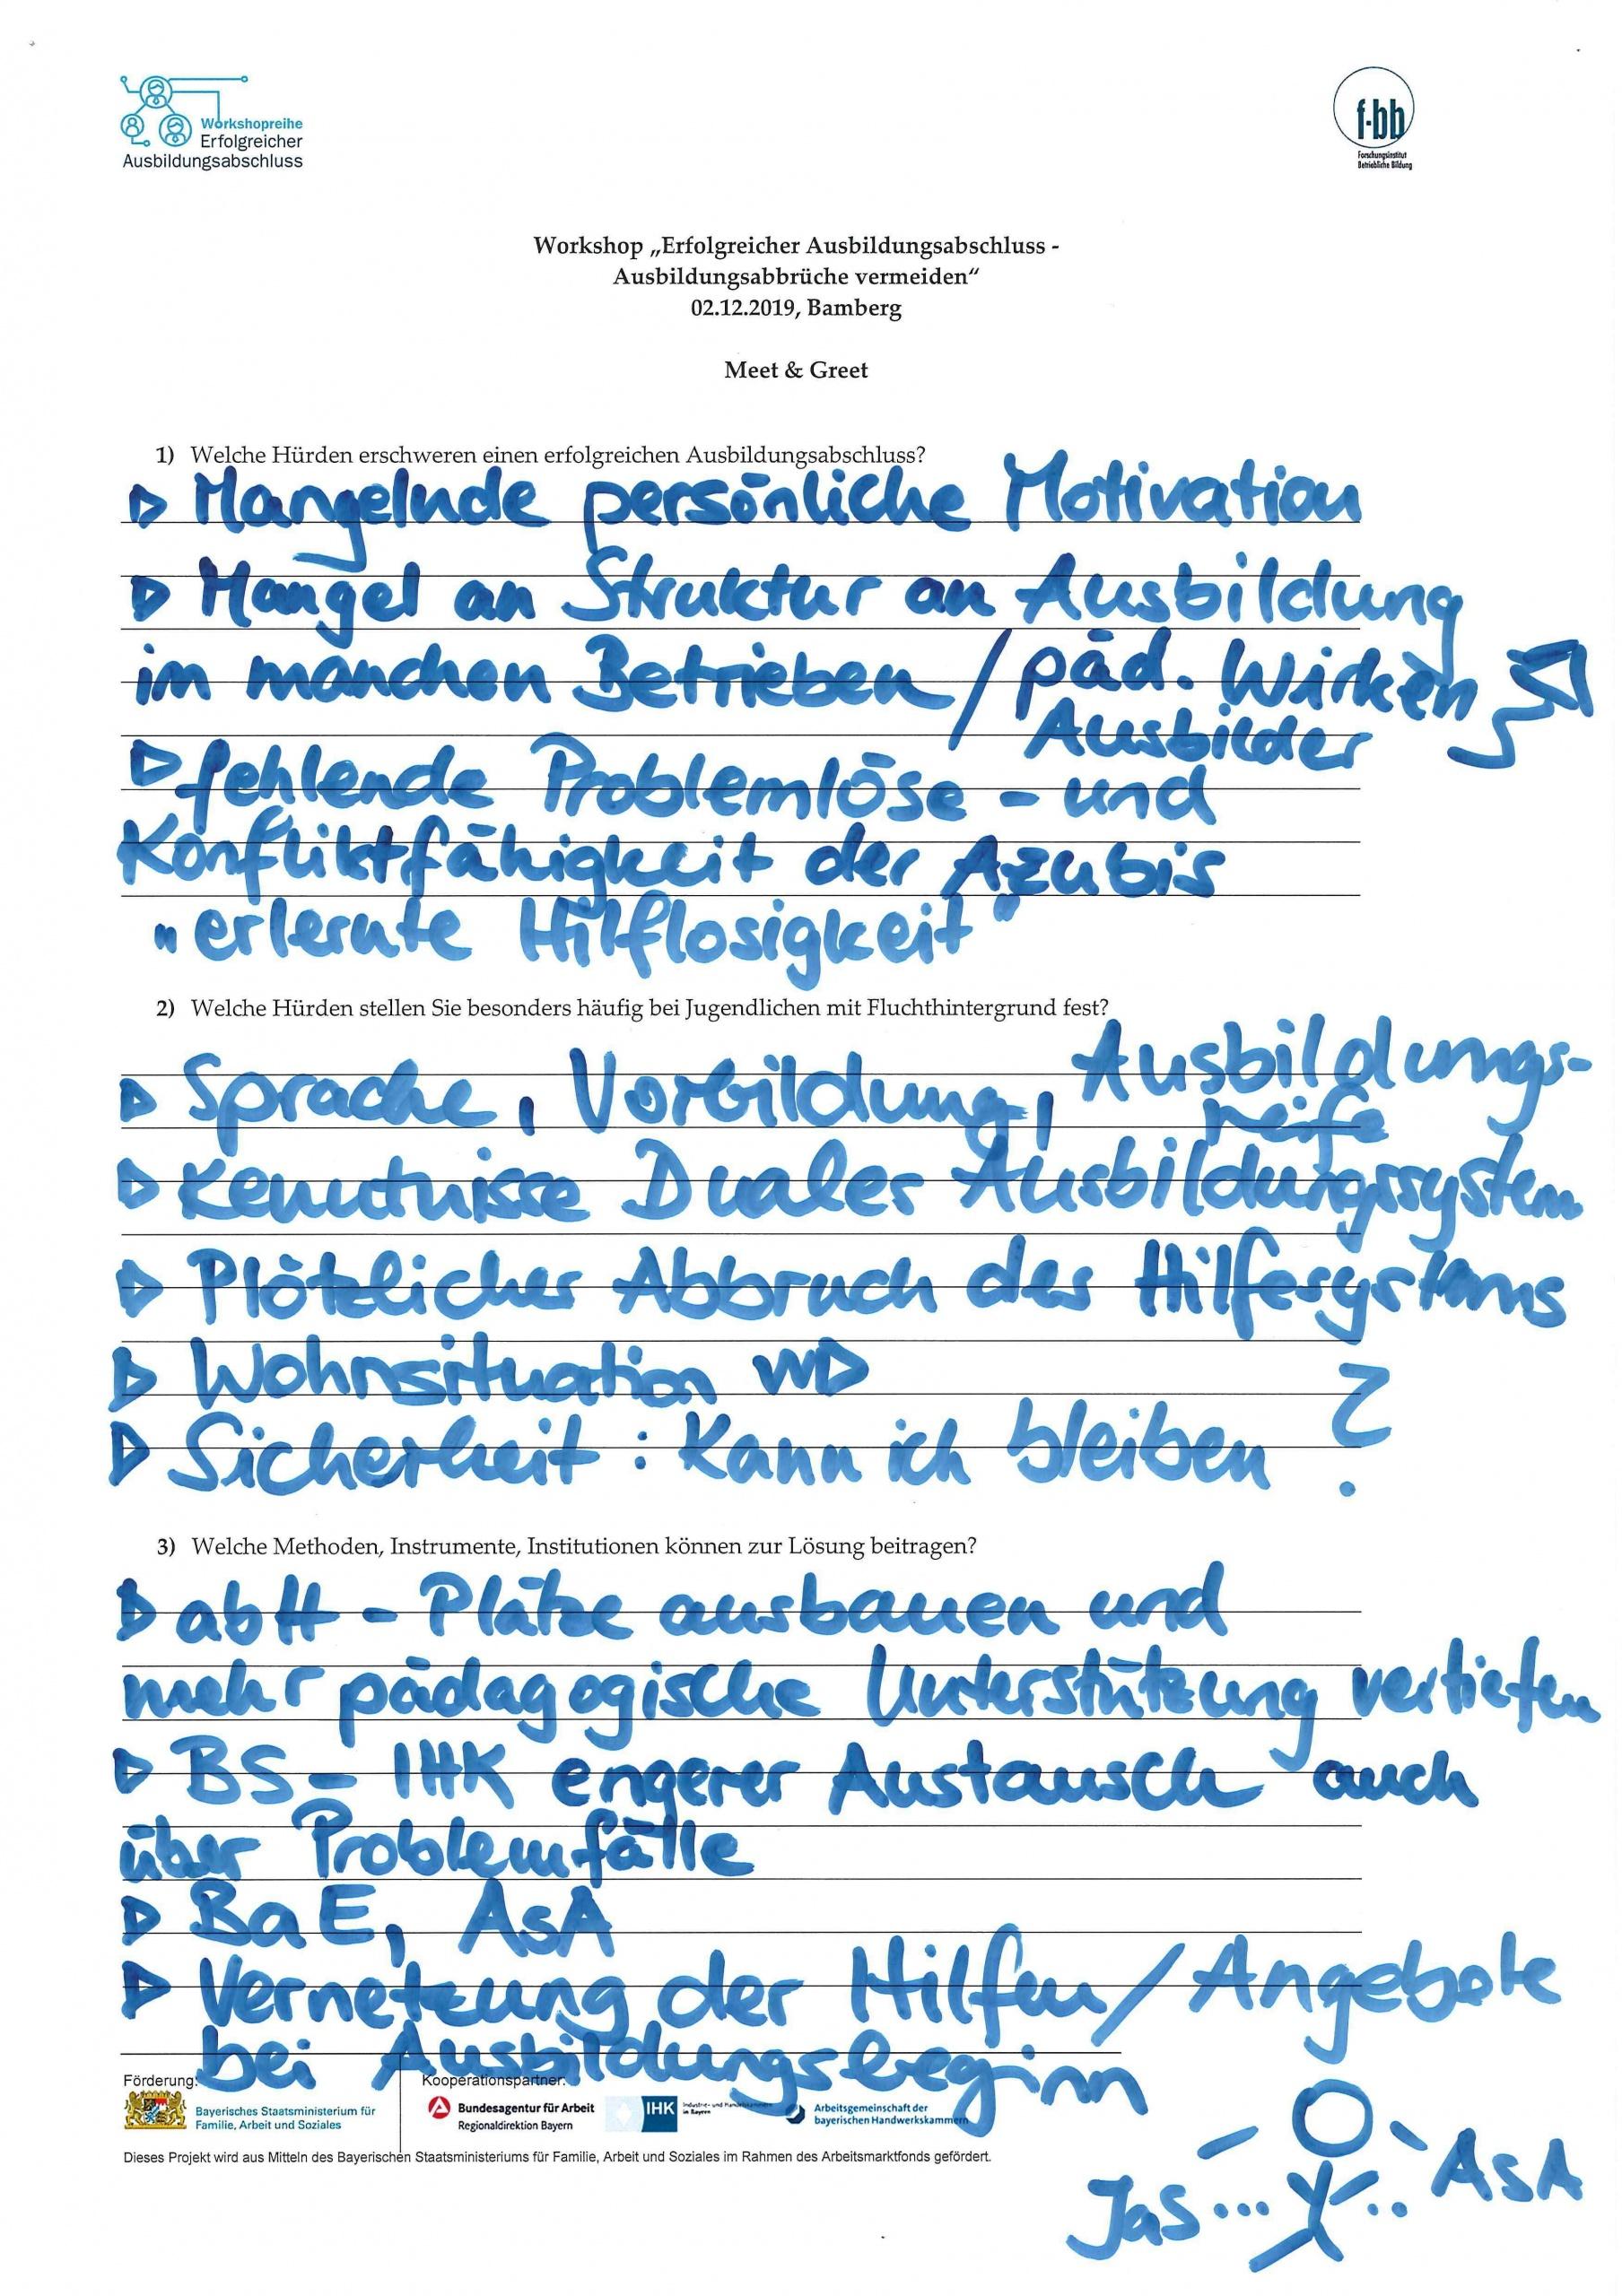 Meet & Greet Gruppe 5